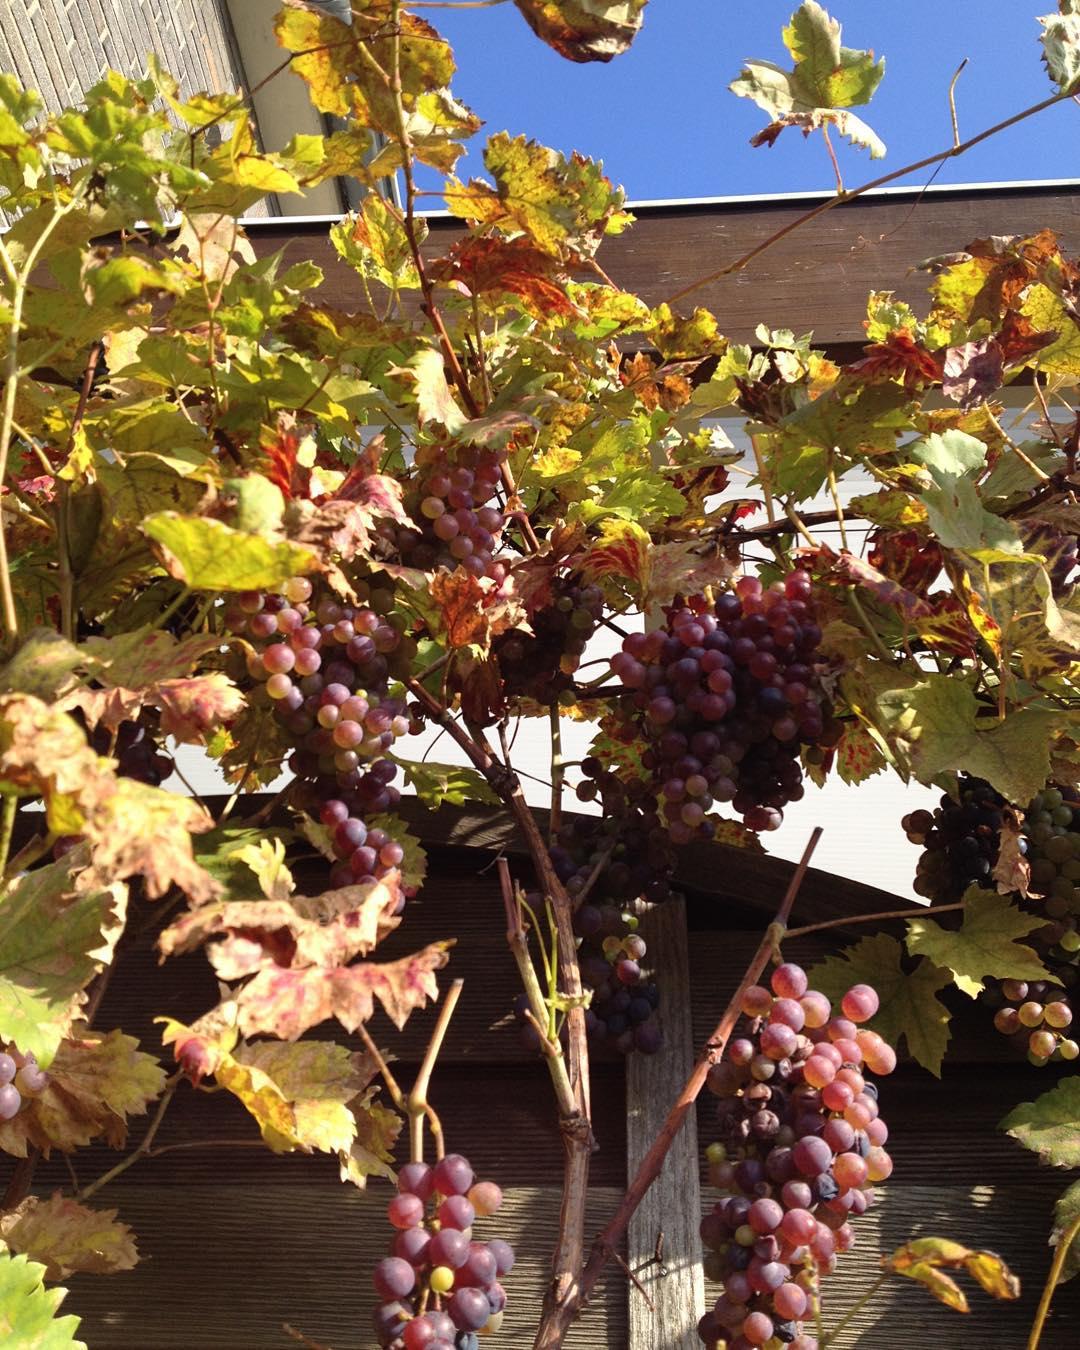 Und noch mehr #Weintrauben #hurraderdüsseldorferherbstistda